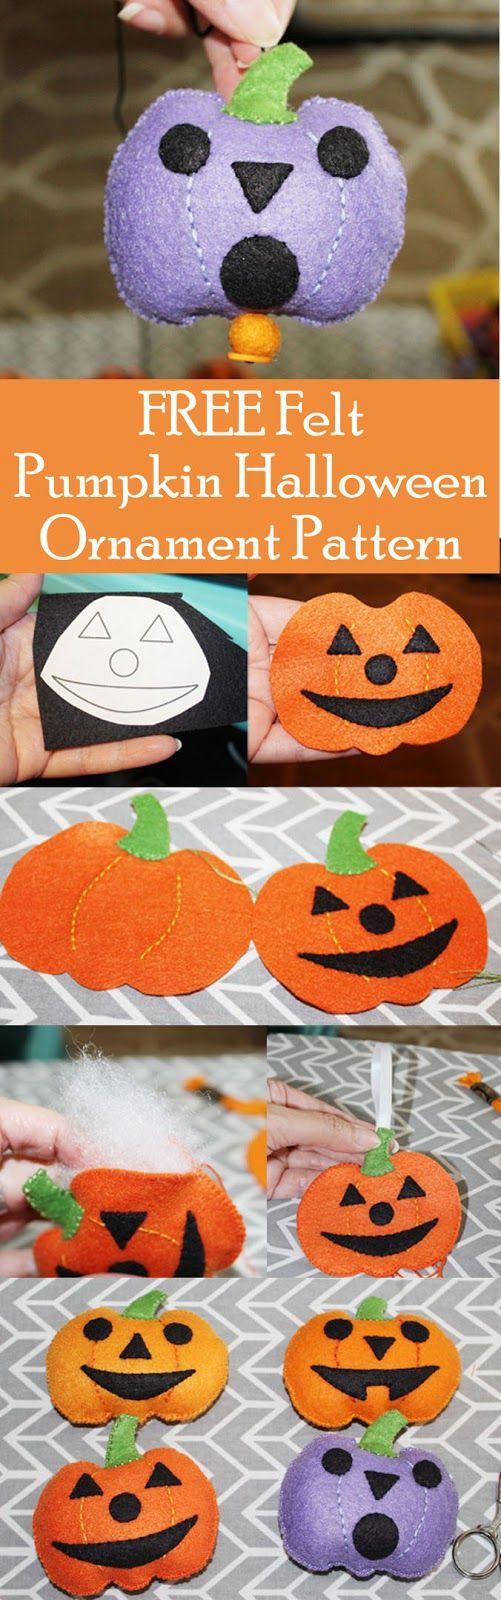 247 besten Fun Halloween Felt Crafts Bilder auf Pinterest